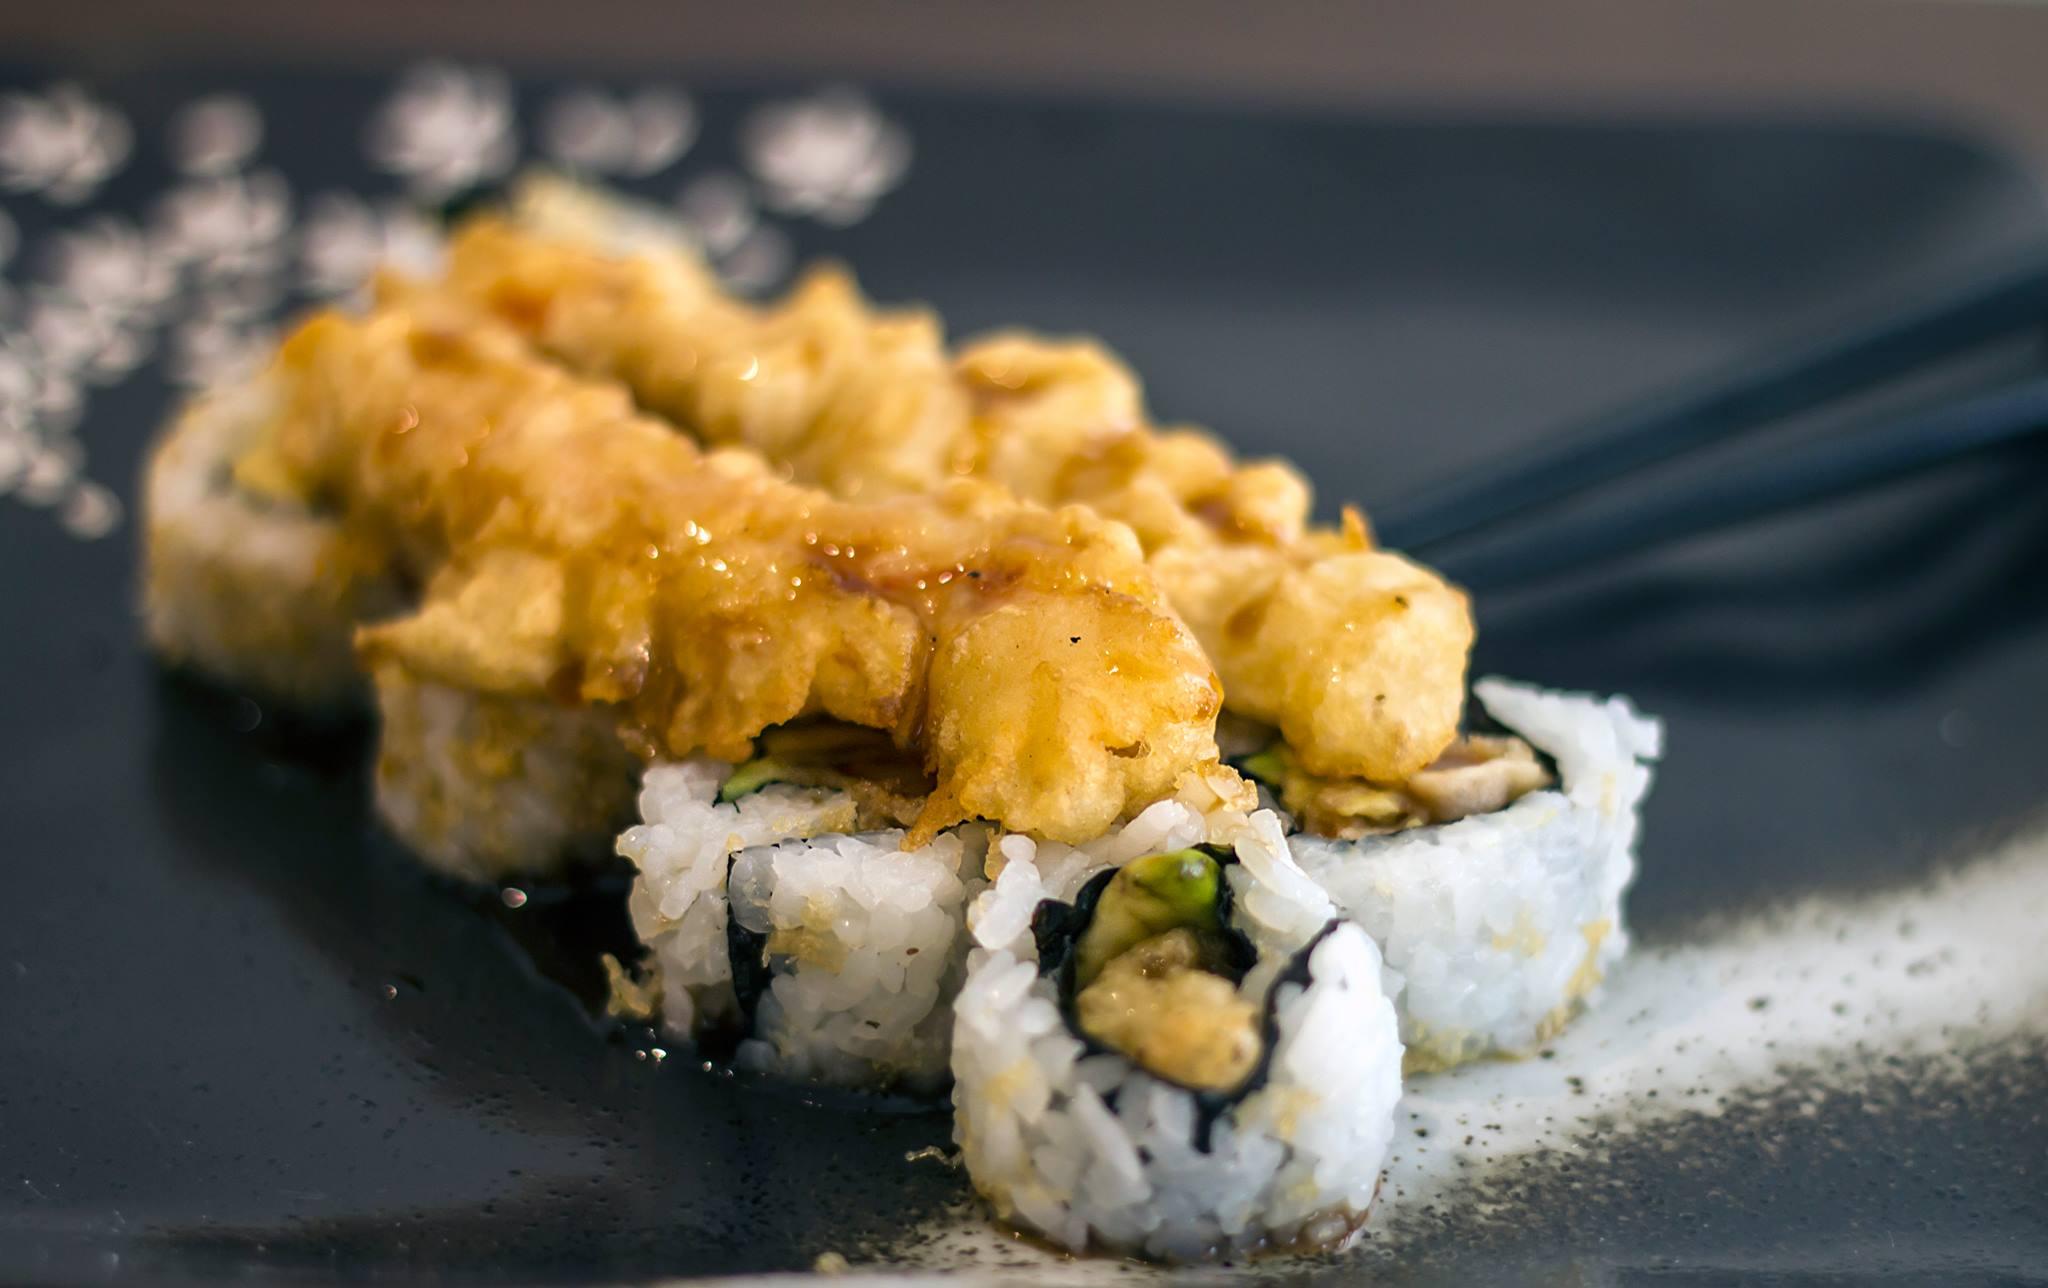 Θες sushi; Στο Oishi Oishi θα φας 22 sushi με 10 ευρώ!